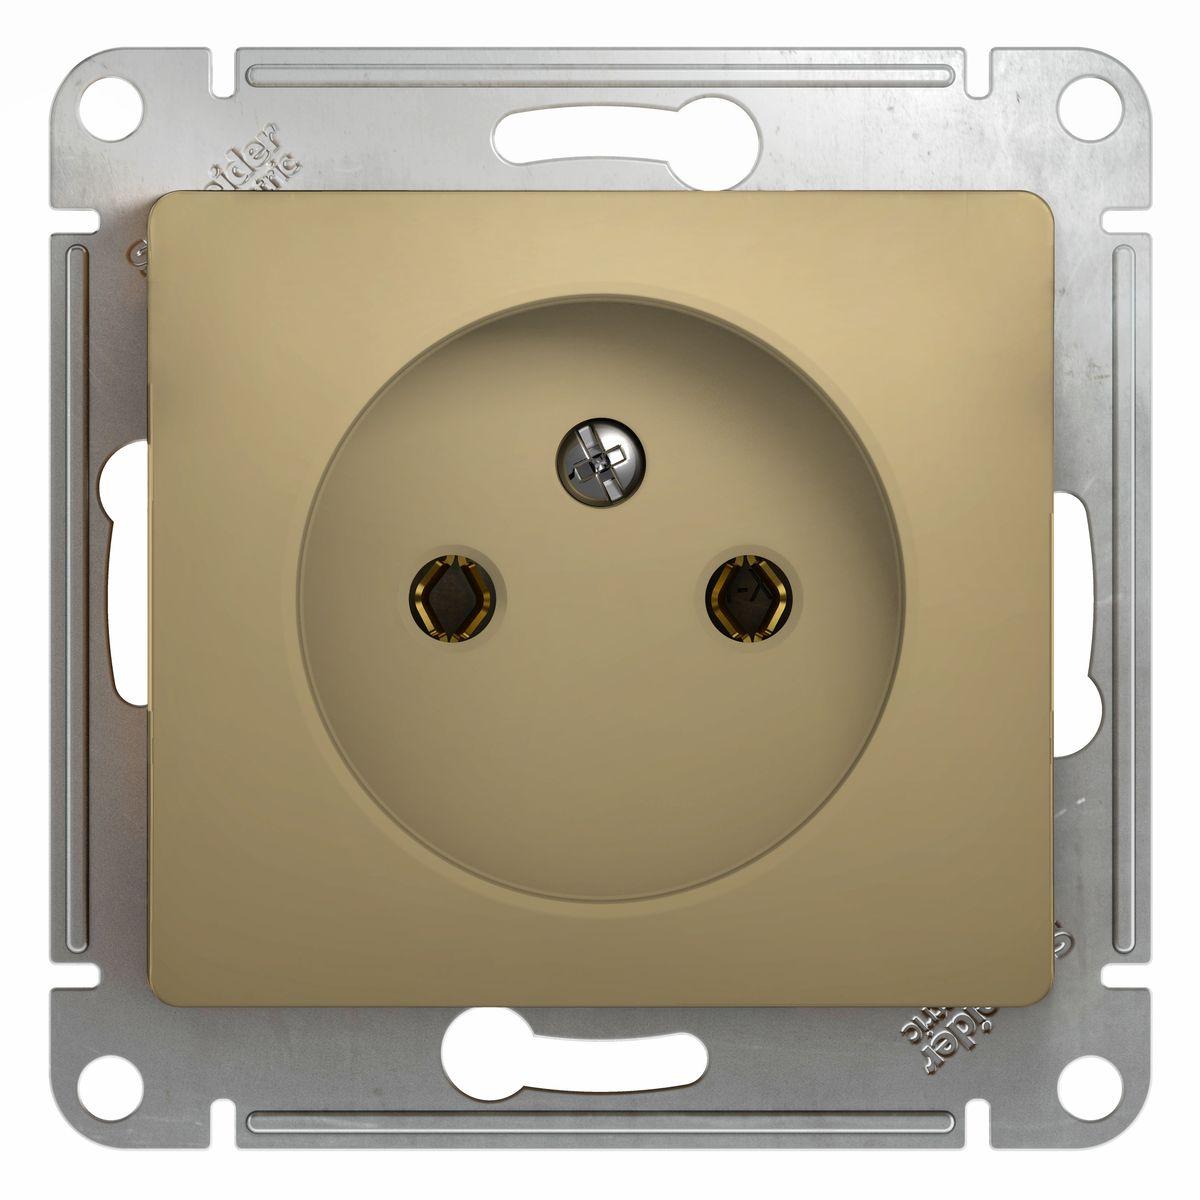 Розетка одинарная Schneider Electric Glossa, цвет: титанGSL000441Одинарная розетка Schneider Electric Glossa без заземляющего контакта, скрытой установки, без шторок, имеет винтовые клеммы. Легкая установка. Тип розетки С (евророзетка).